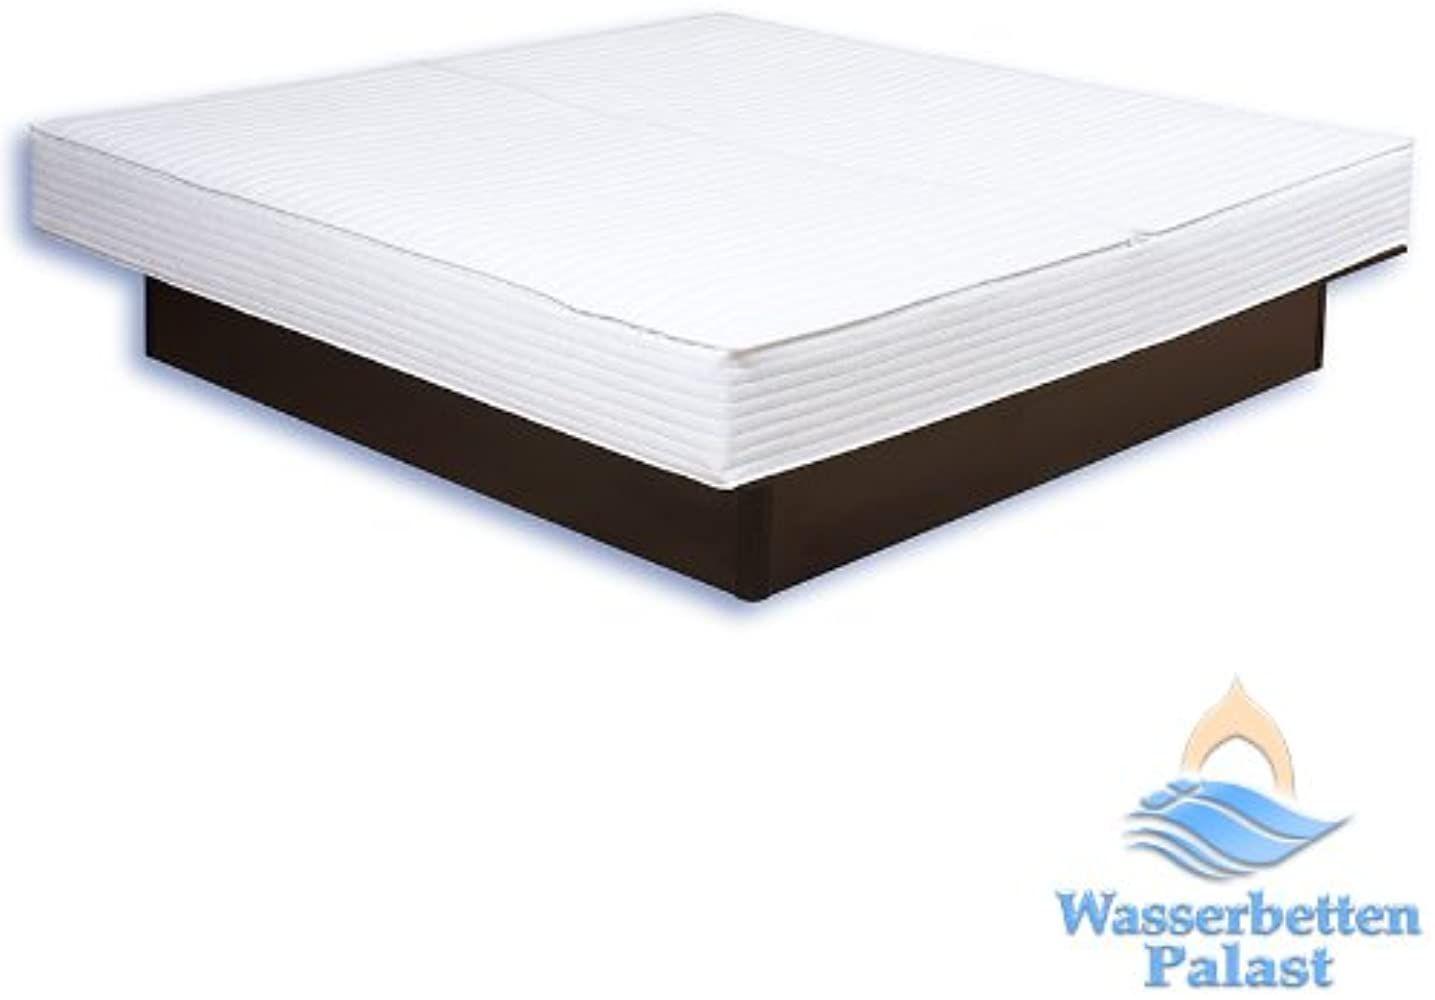 Premium Comfort Wasserbettbezug Teilbare Auflage In Frottee